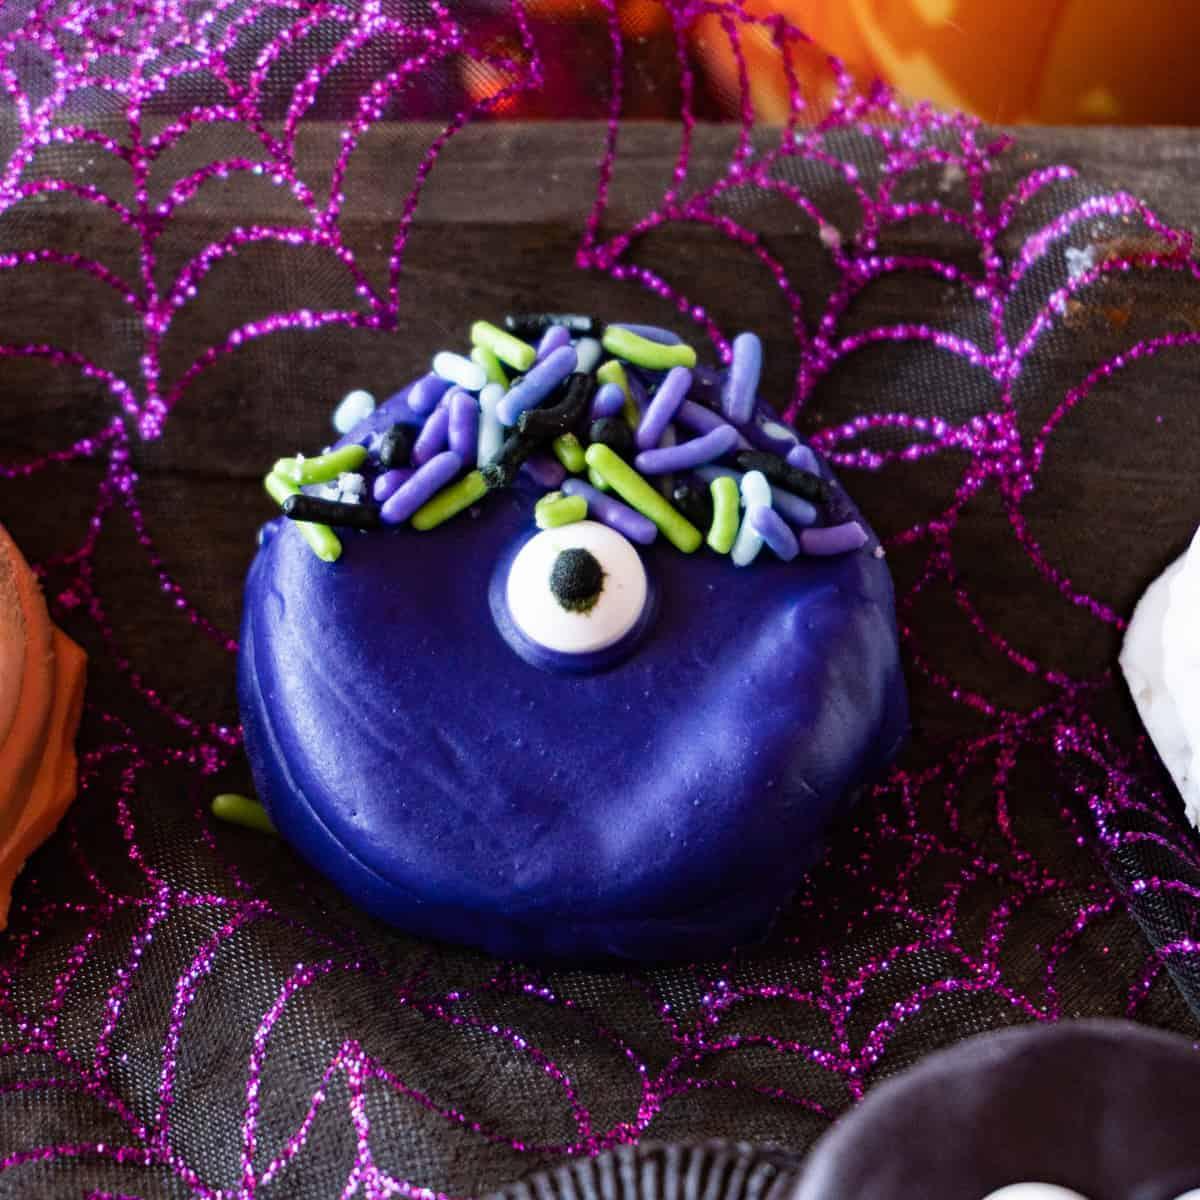 oreo halloween treats featured image